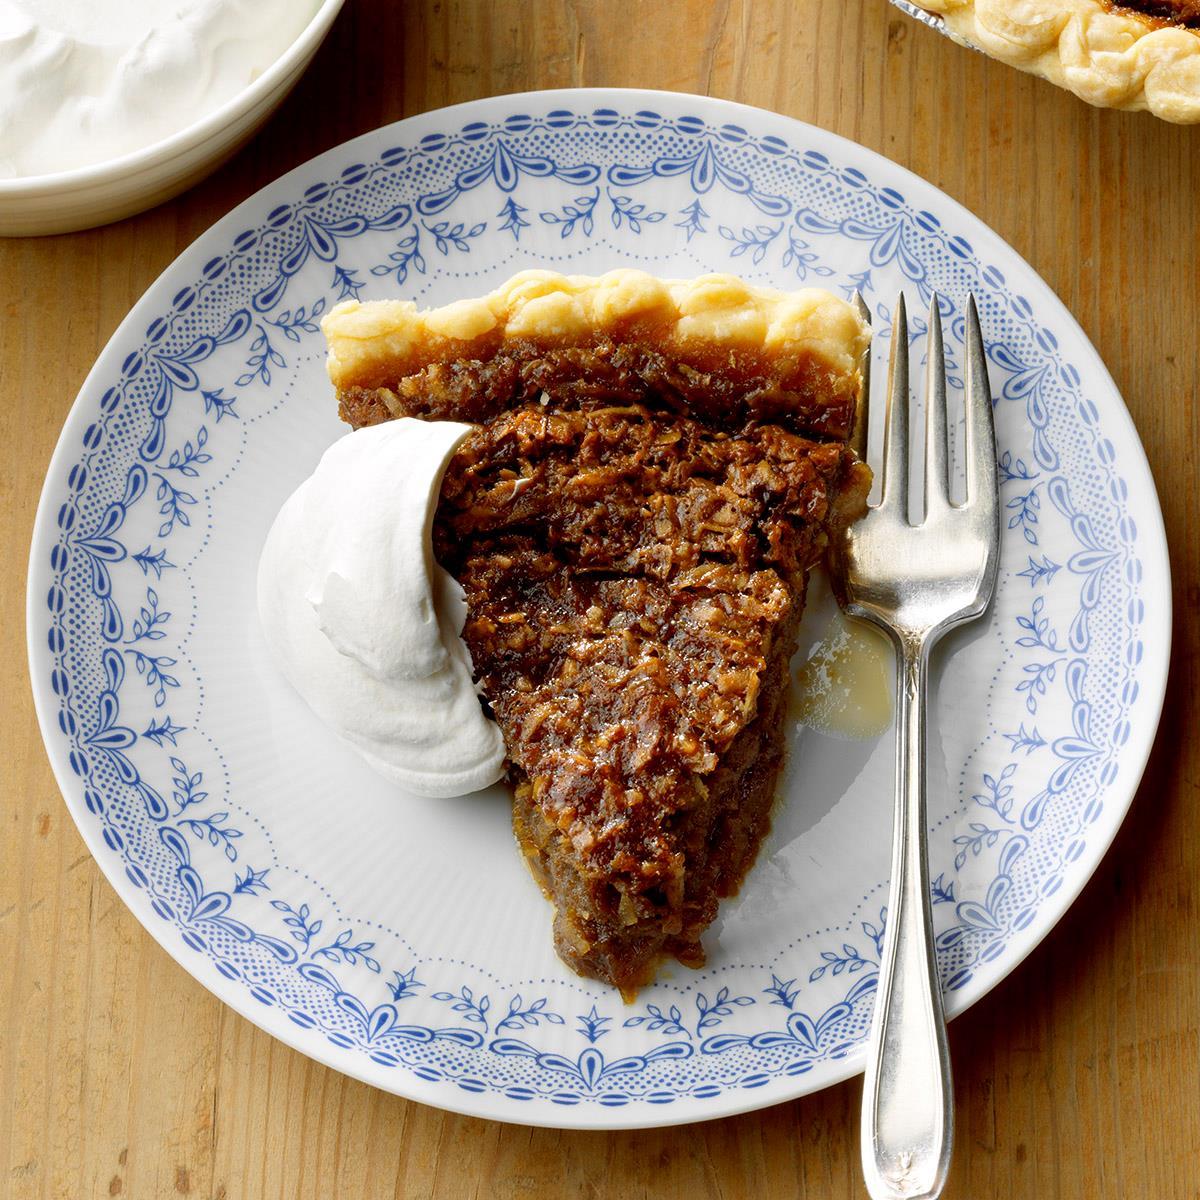 Receta de pastel de melaza de coco de mamá y mamá Bessie